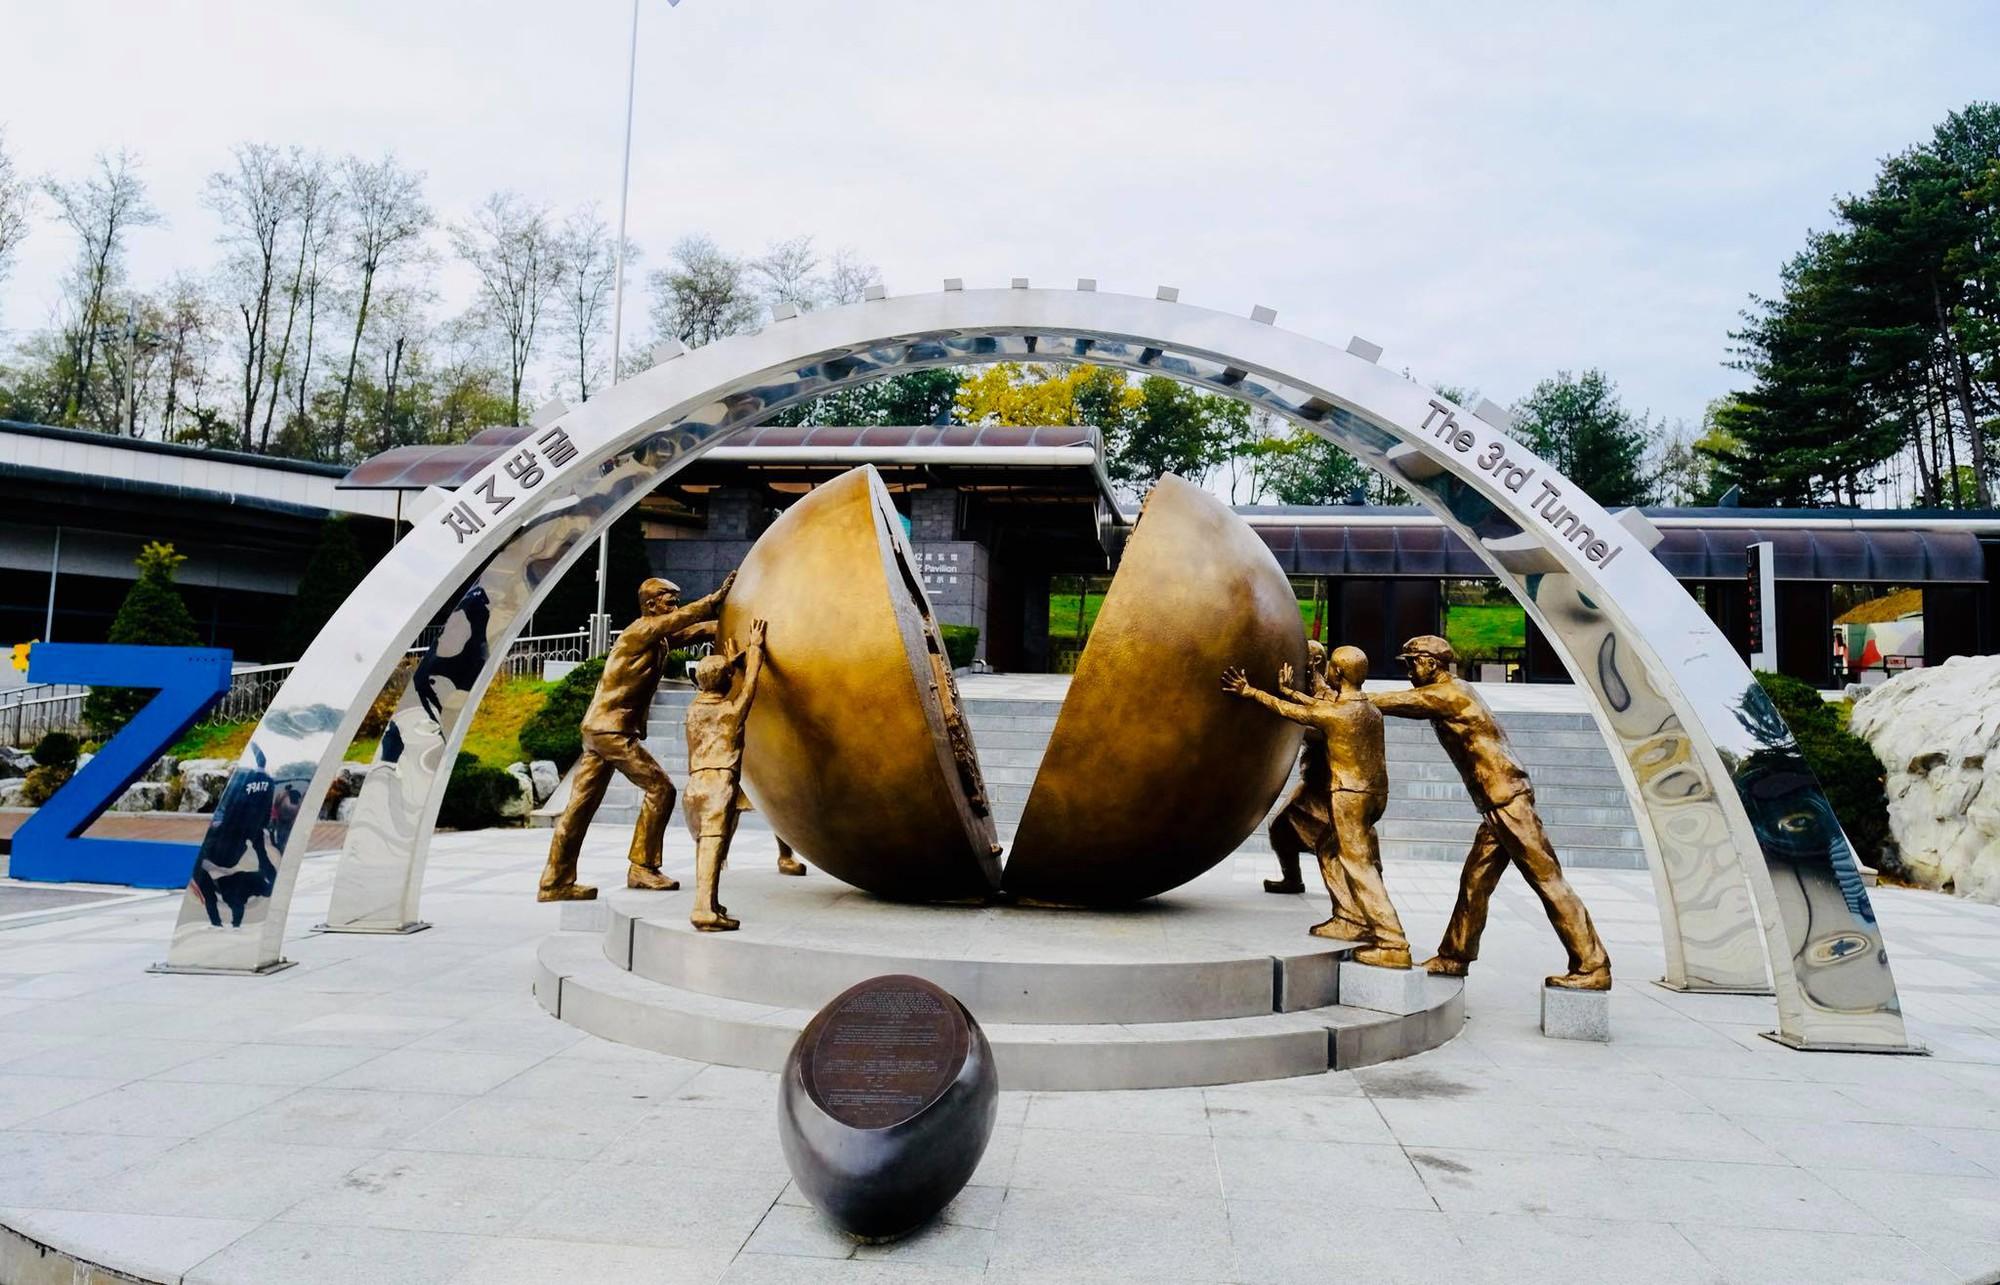 [PHOTO ESSAY] Thù địch và hy vọng ở DMZ liên Triều nhìn từ hai phía qua ống kính người Việt - Ảnh 22.